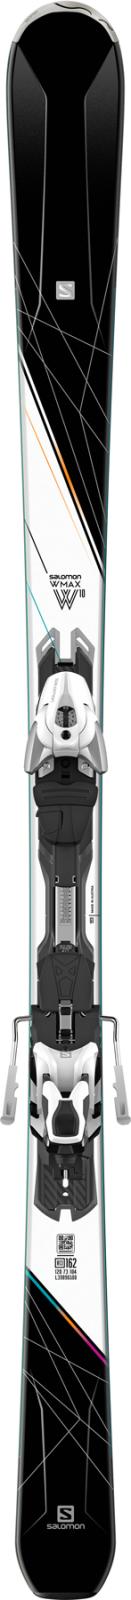 Salomon W-Max 10 + XT 10